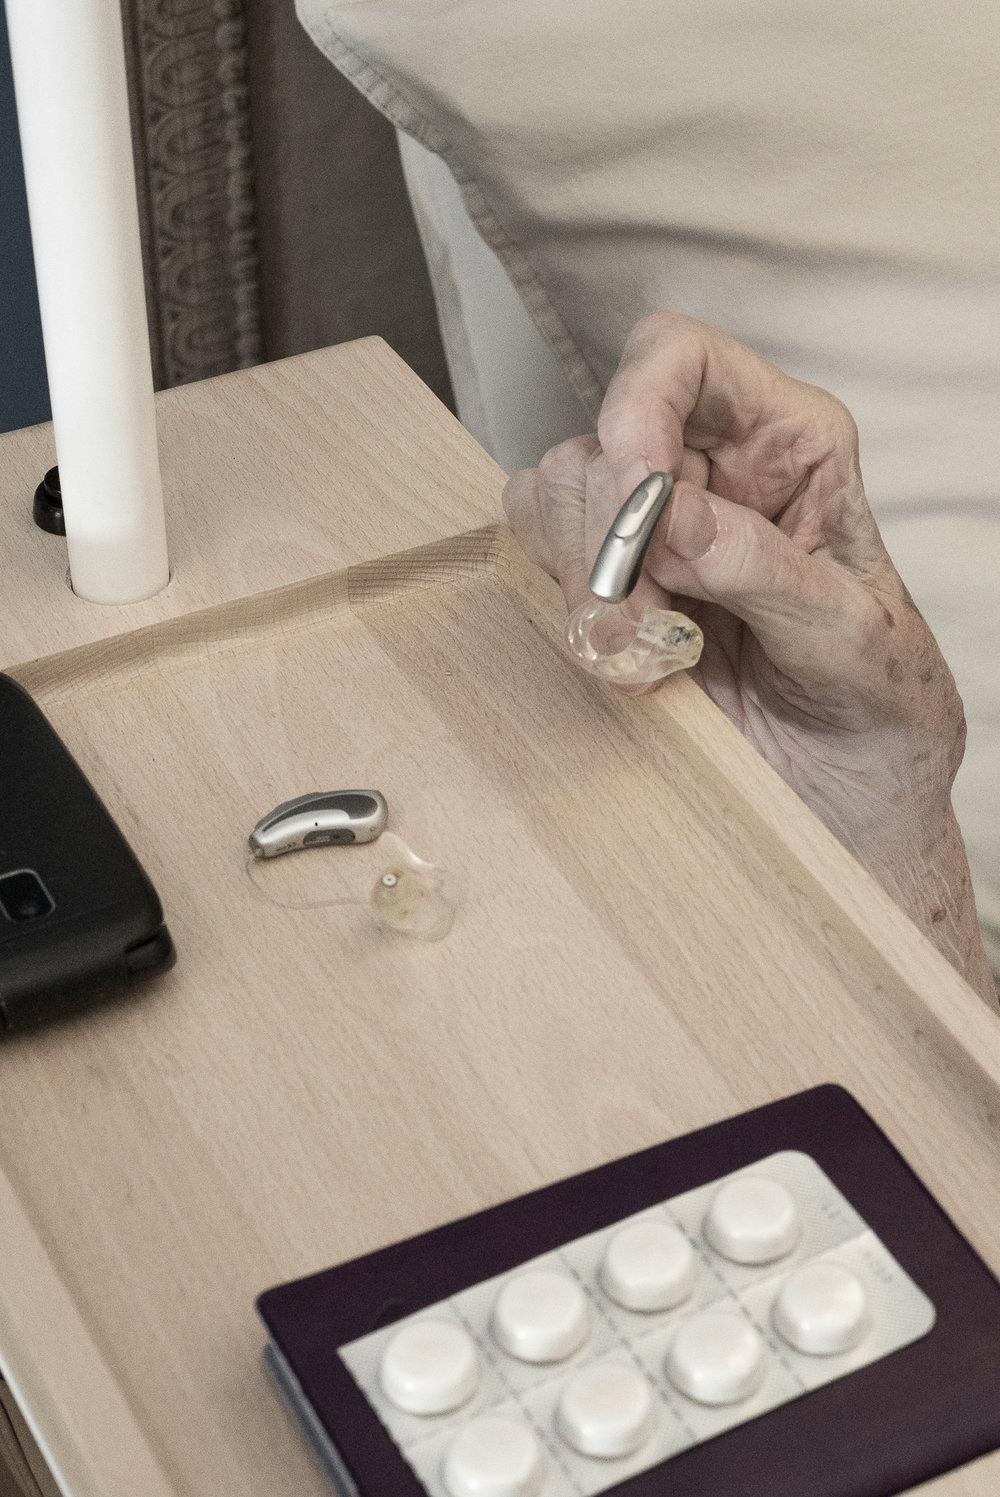 À portée de main - Tablette pour avoir les objets sécurisants à proximité.